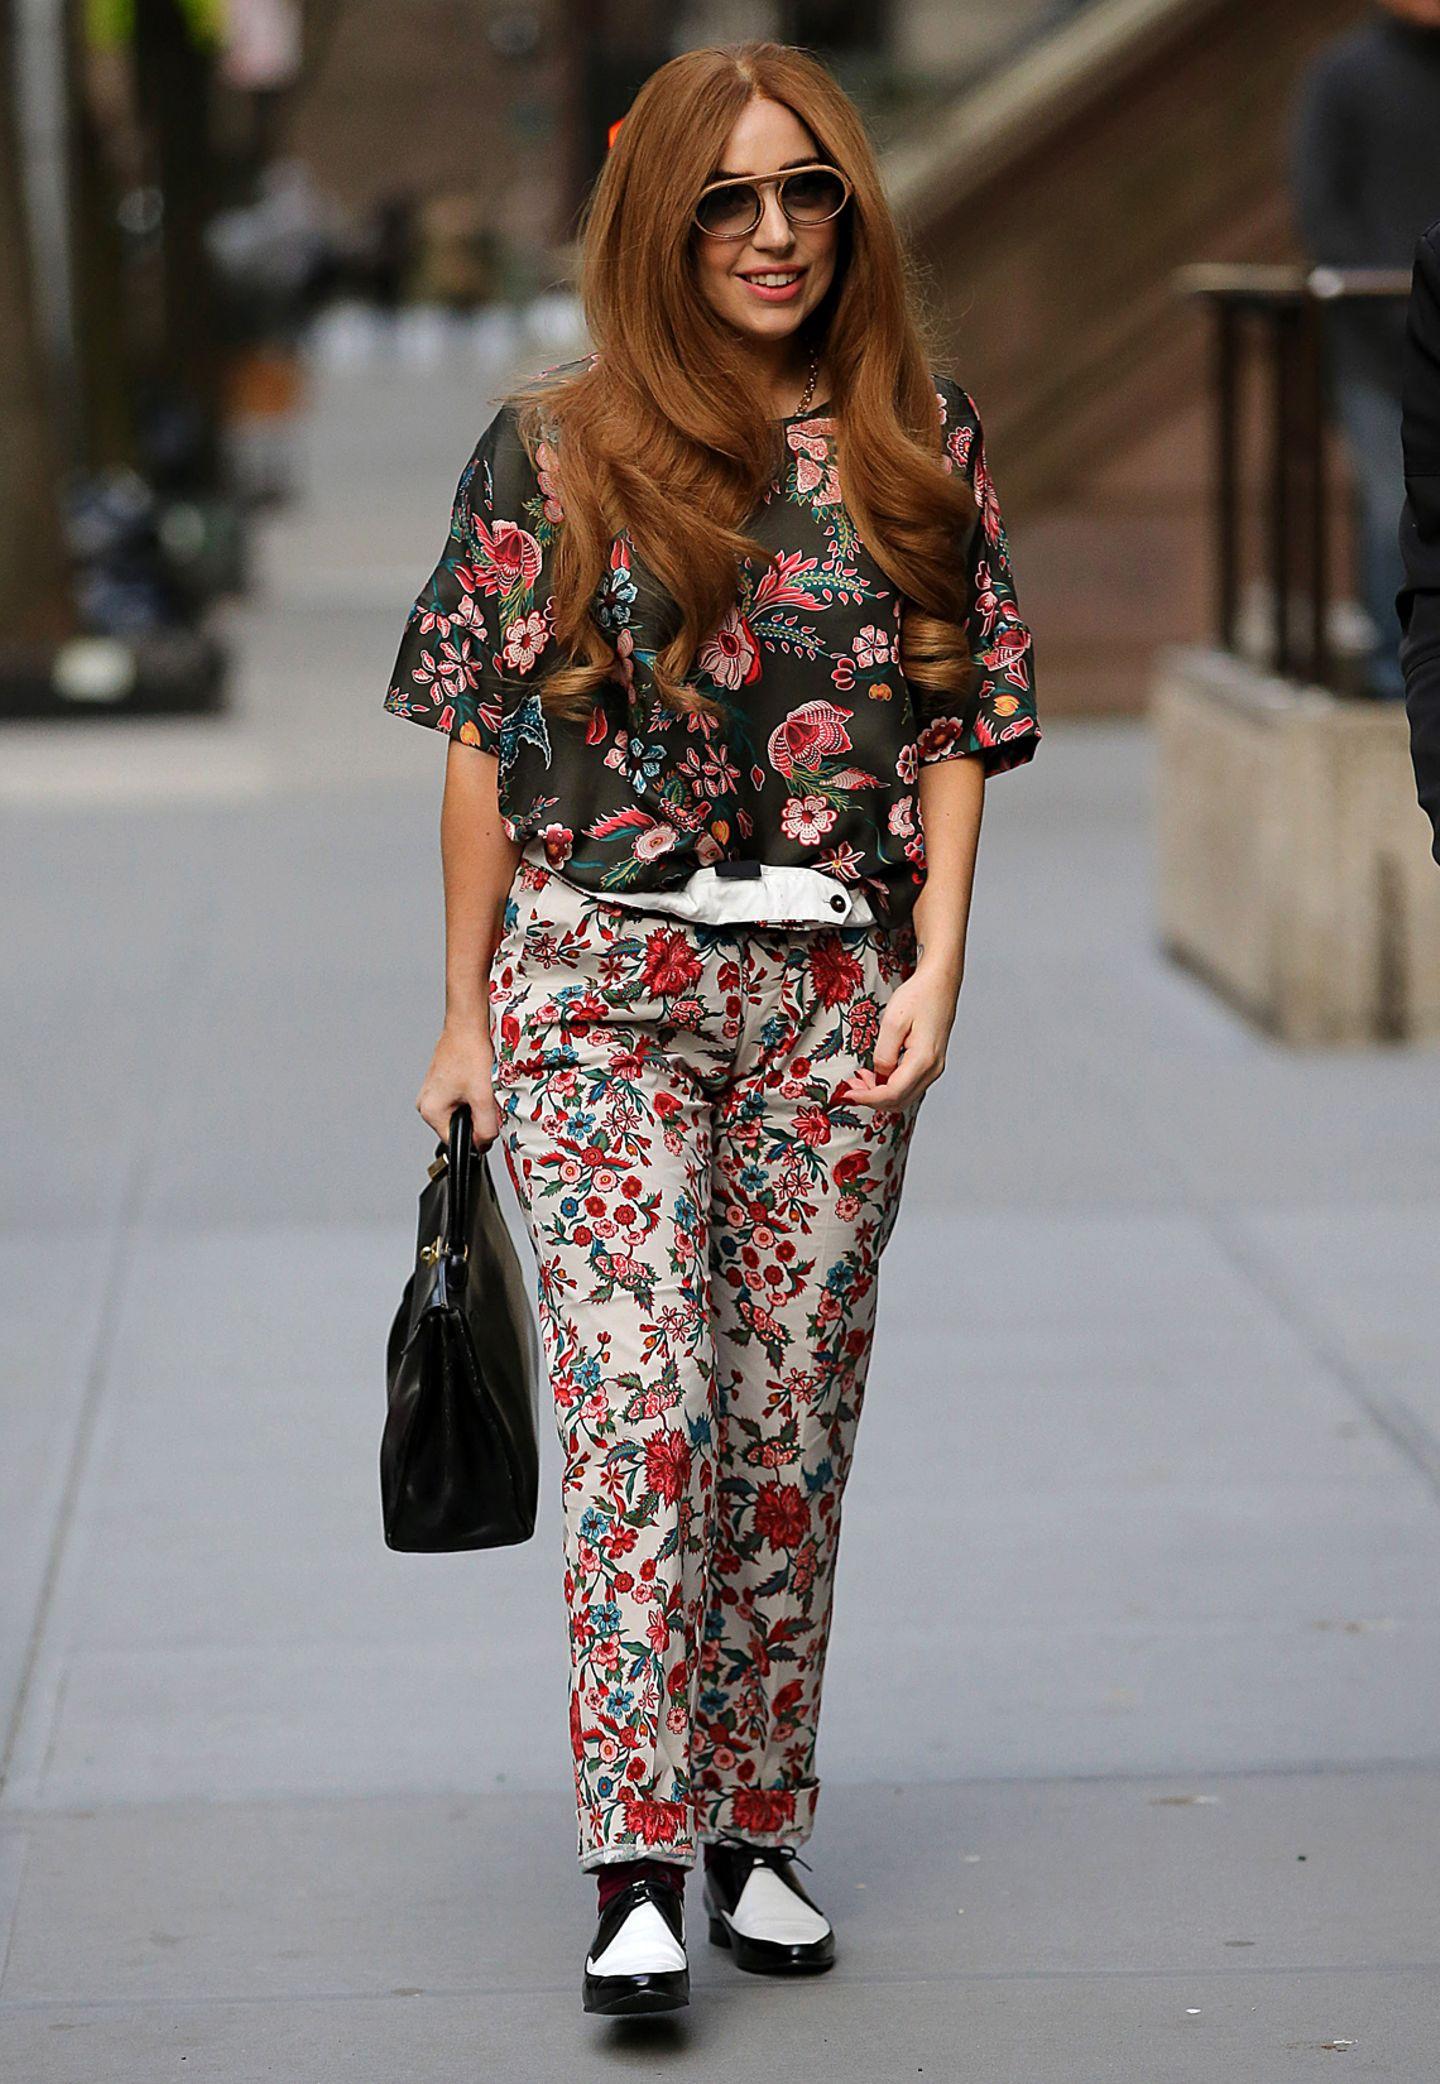 Fast hätte man Lady GaGa ohne hohe Schuhe und skurille Kleidung nicht erkannt. Doch für einen Besuch im Restaurant ihrer Eltern tauscht die Sängerin ihren extremen Look gegen ein florales Freizeit-Outfit.